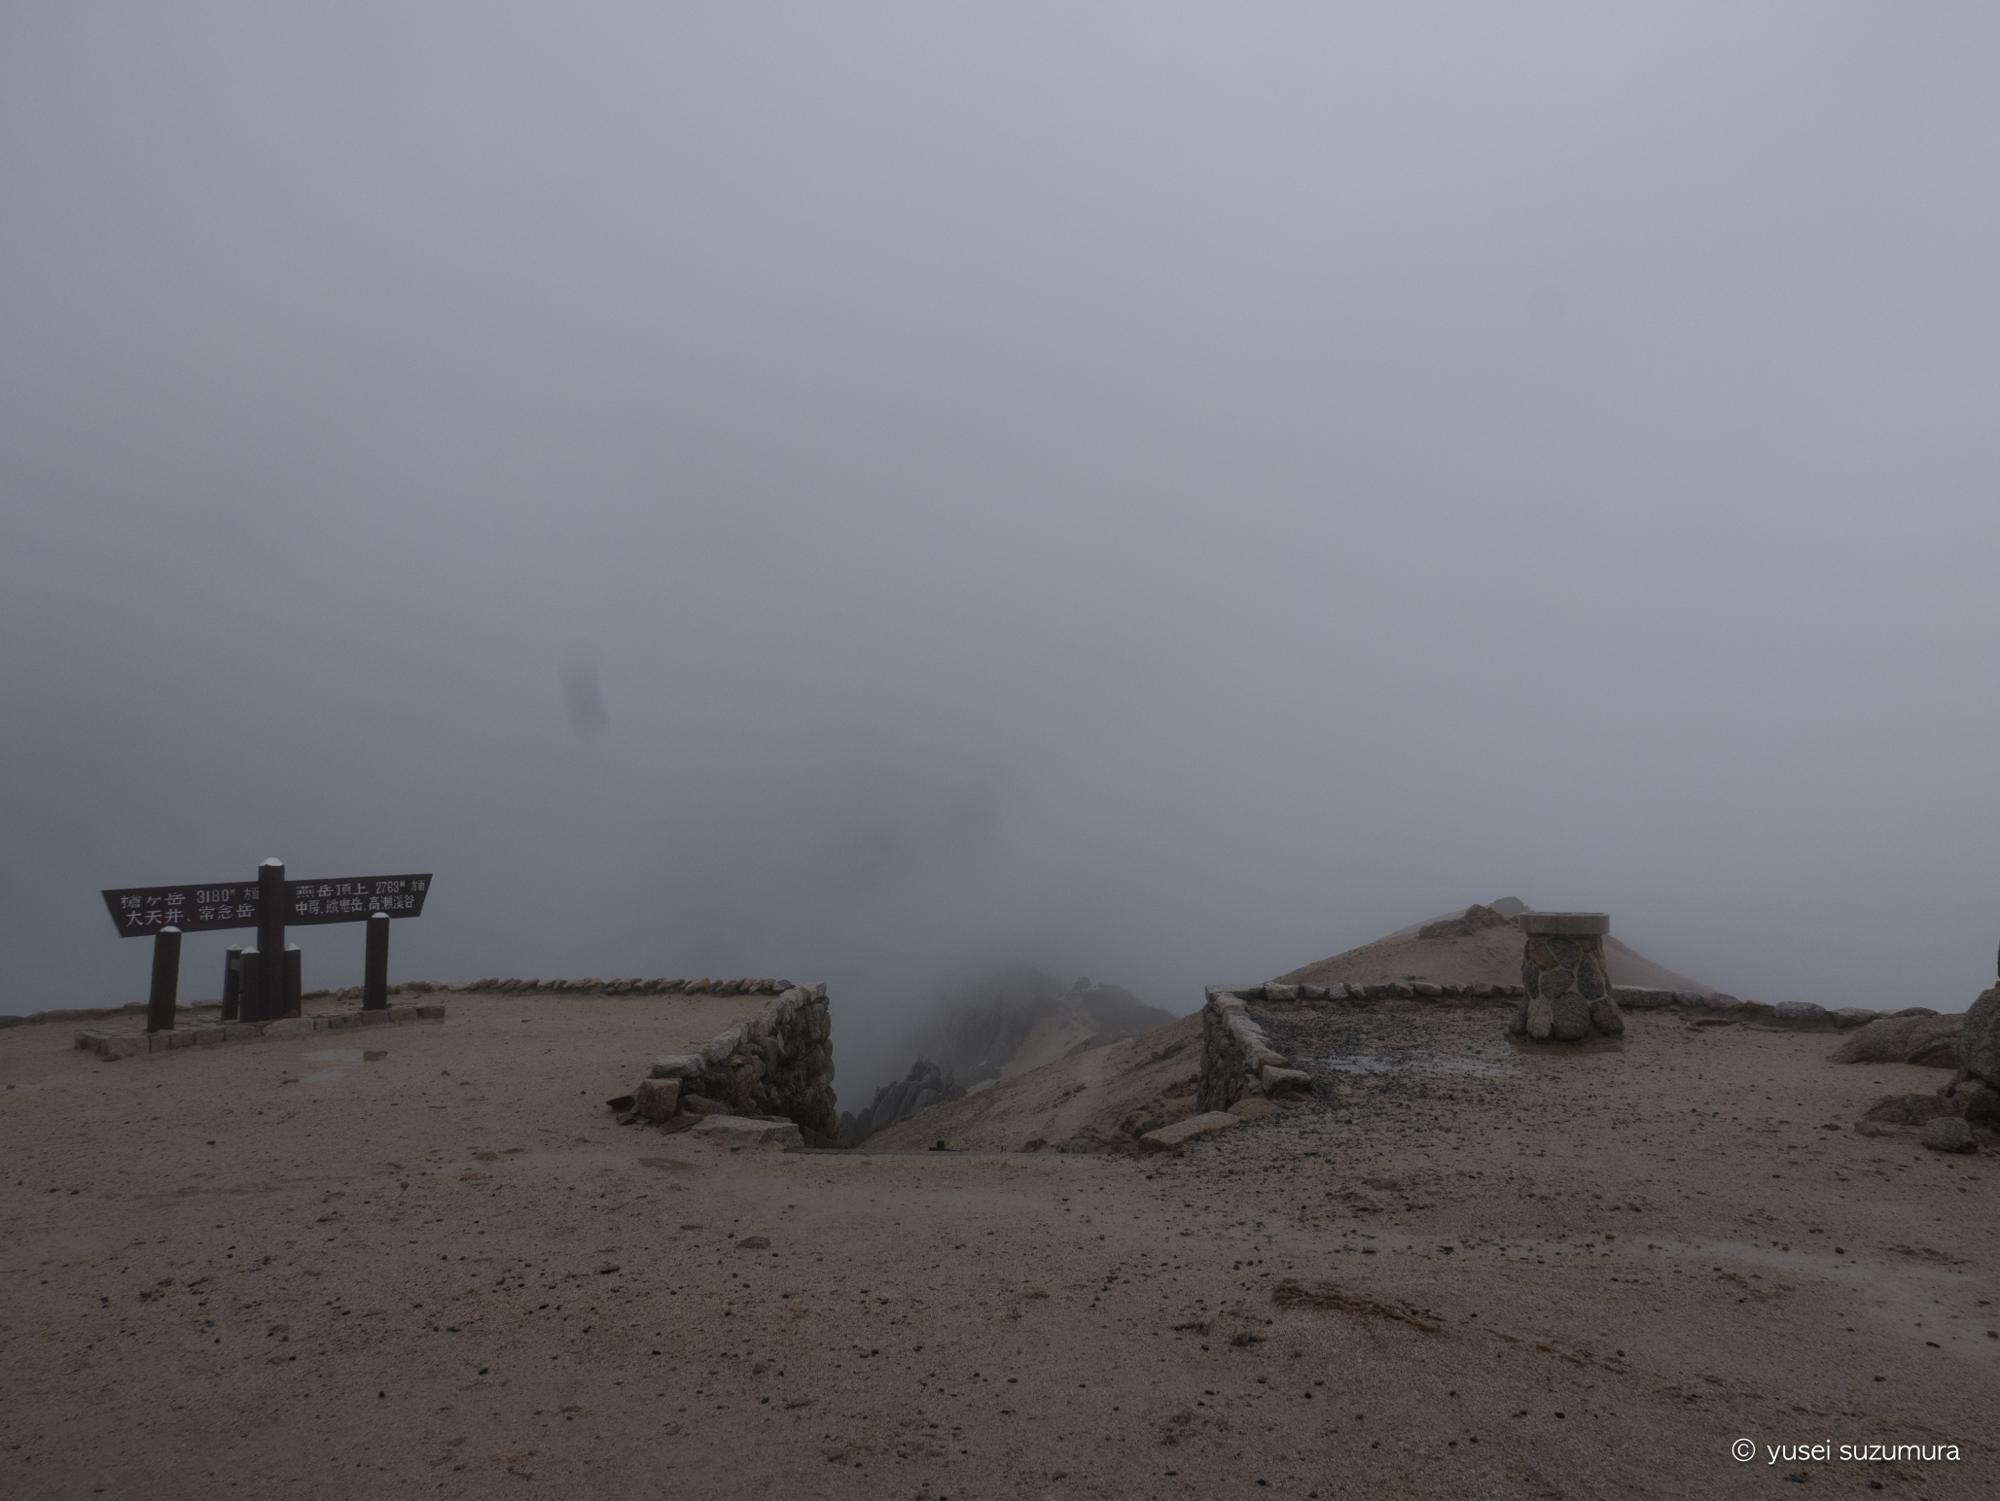 燕山荘 燕岳が見えない